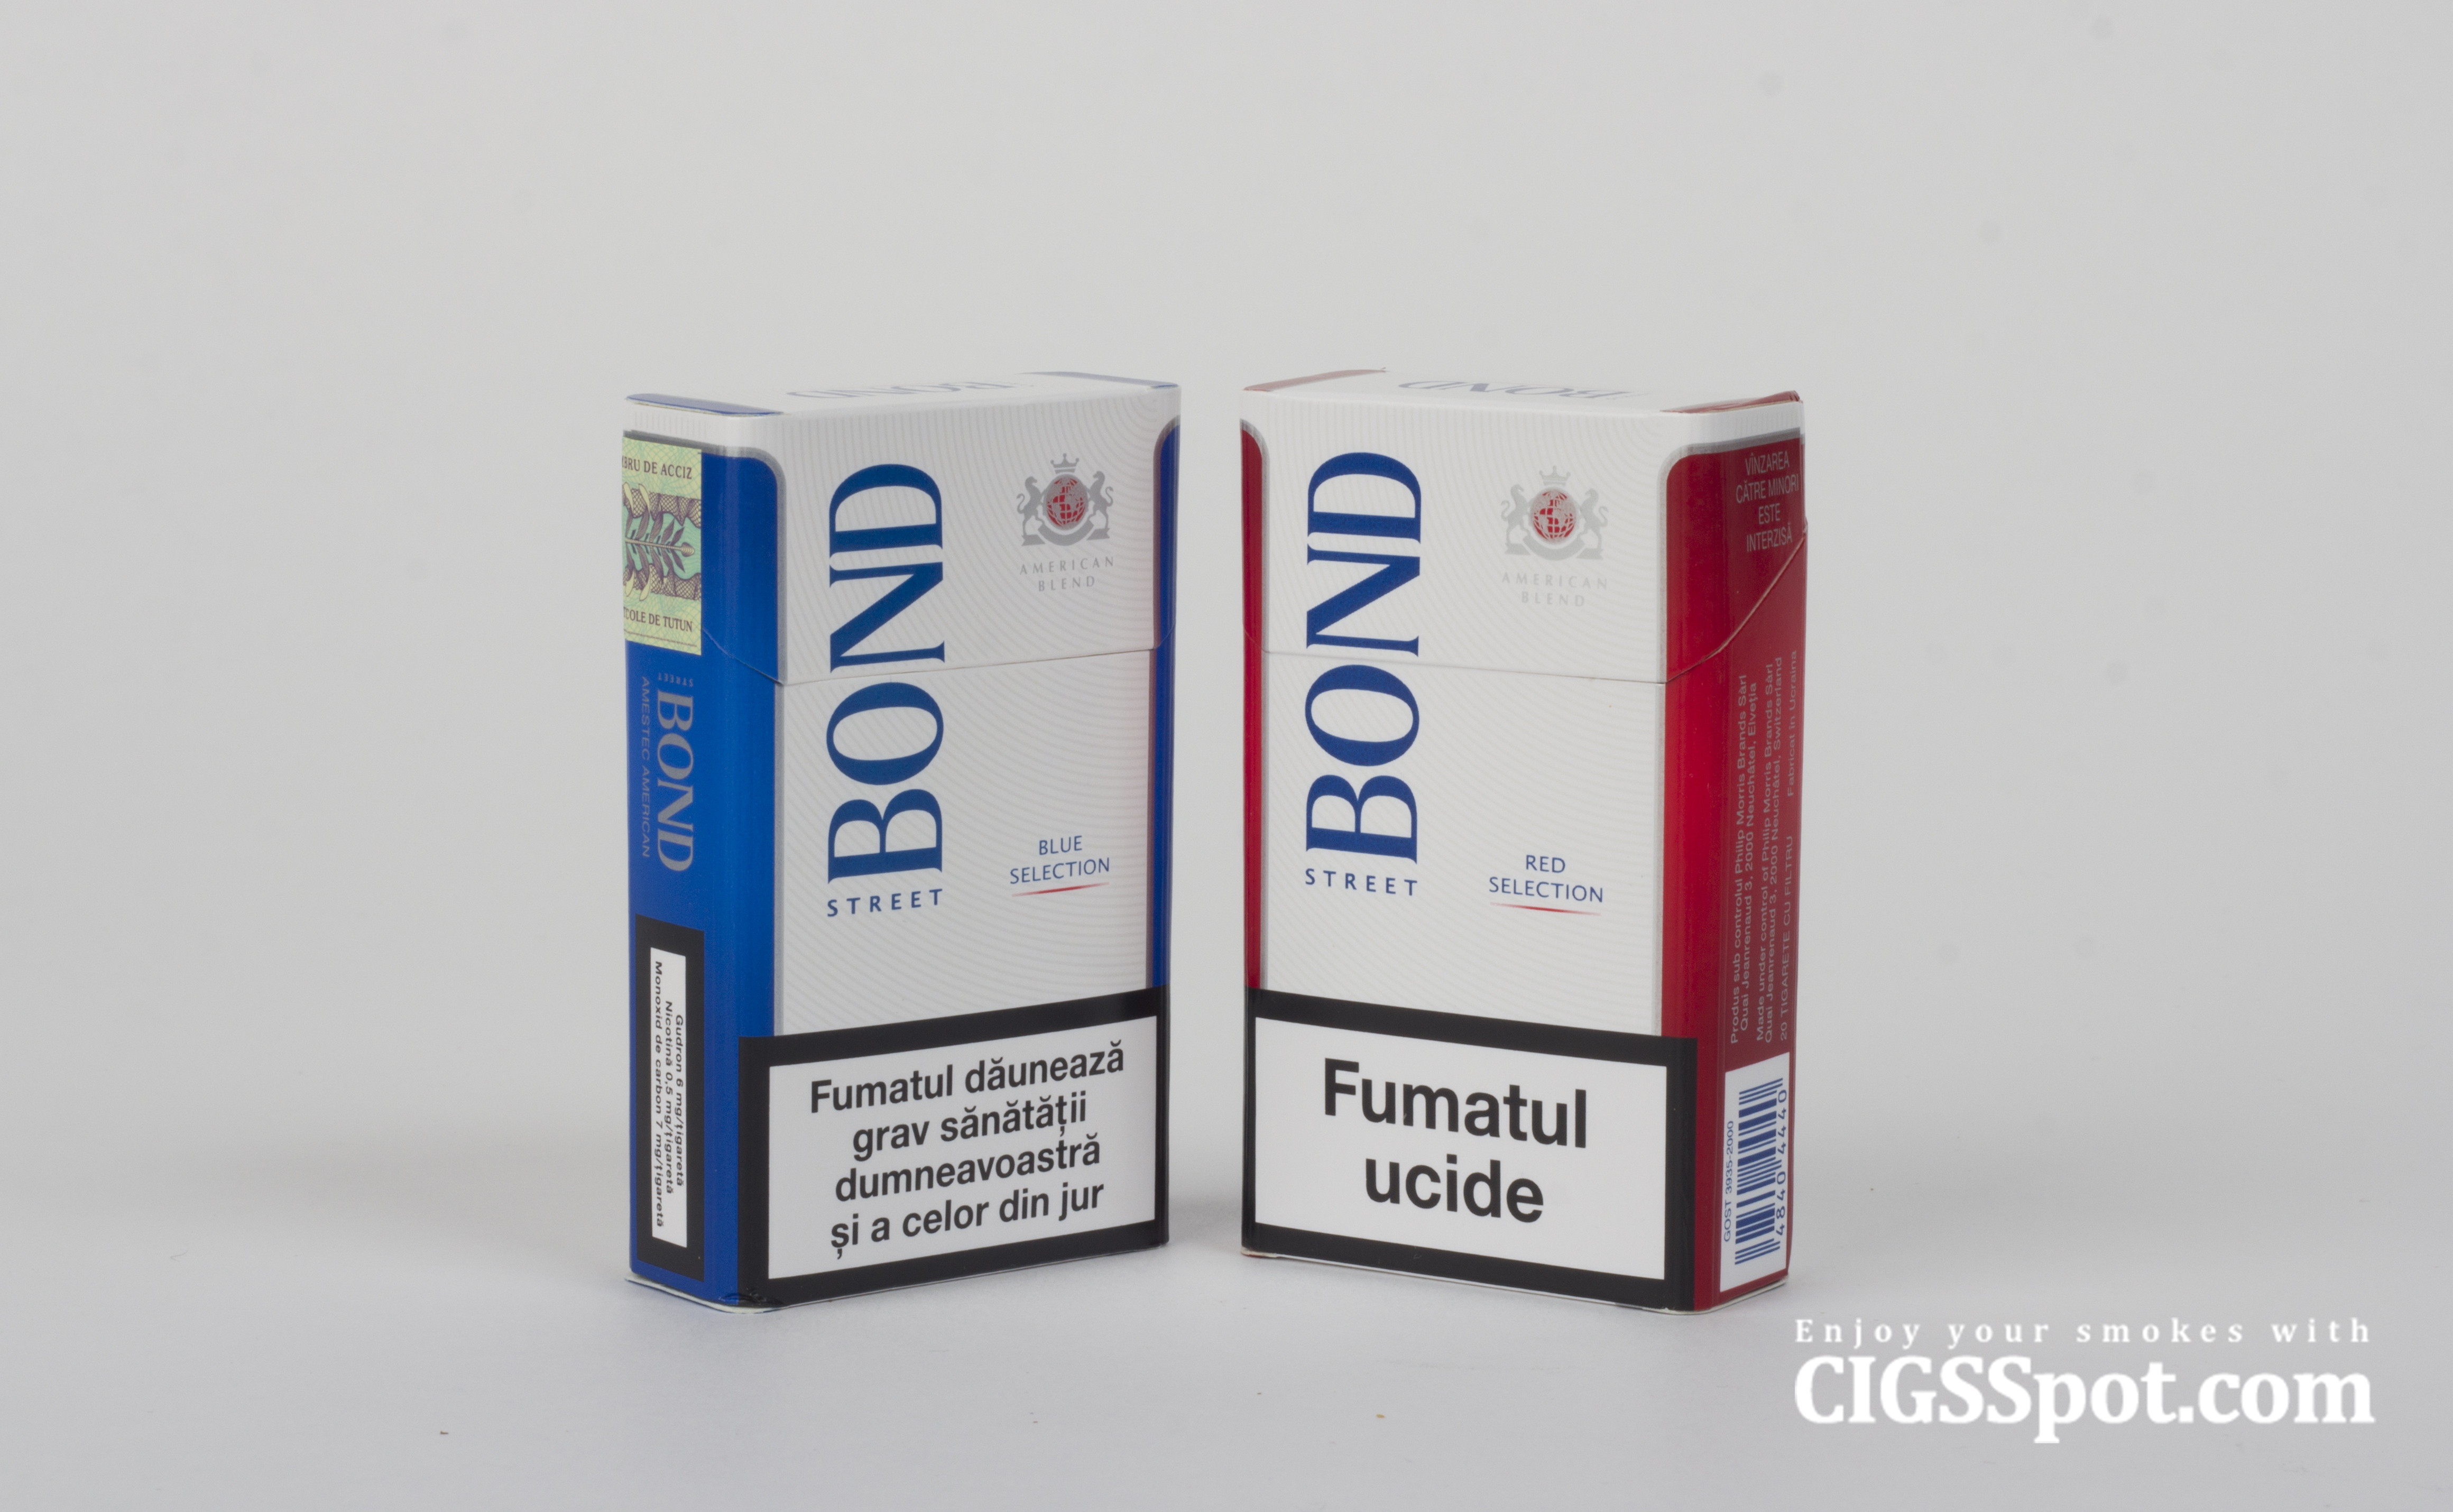 Bond Cigarettes